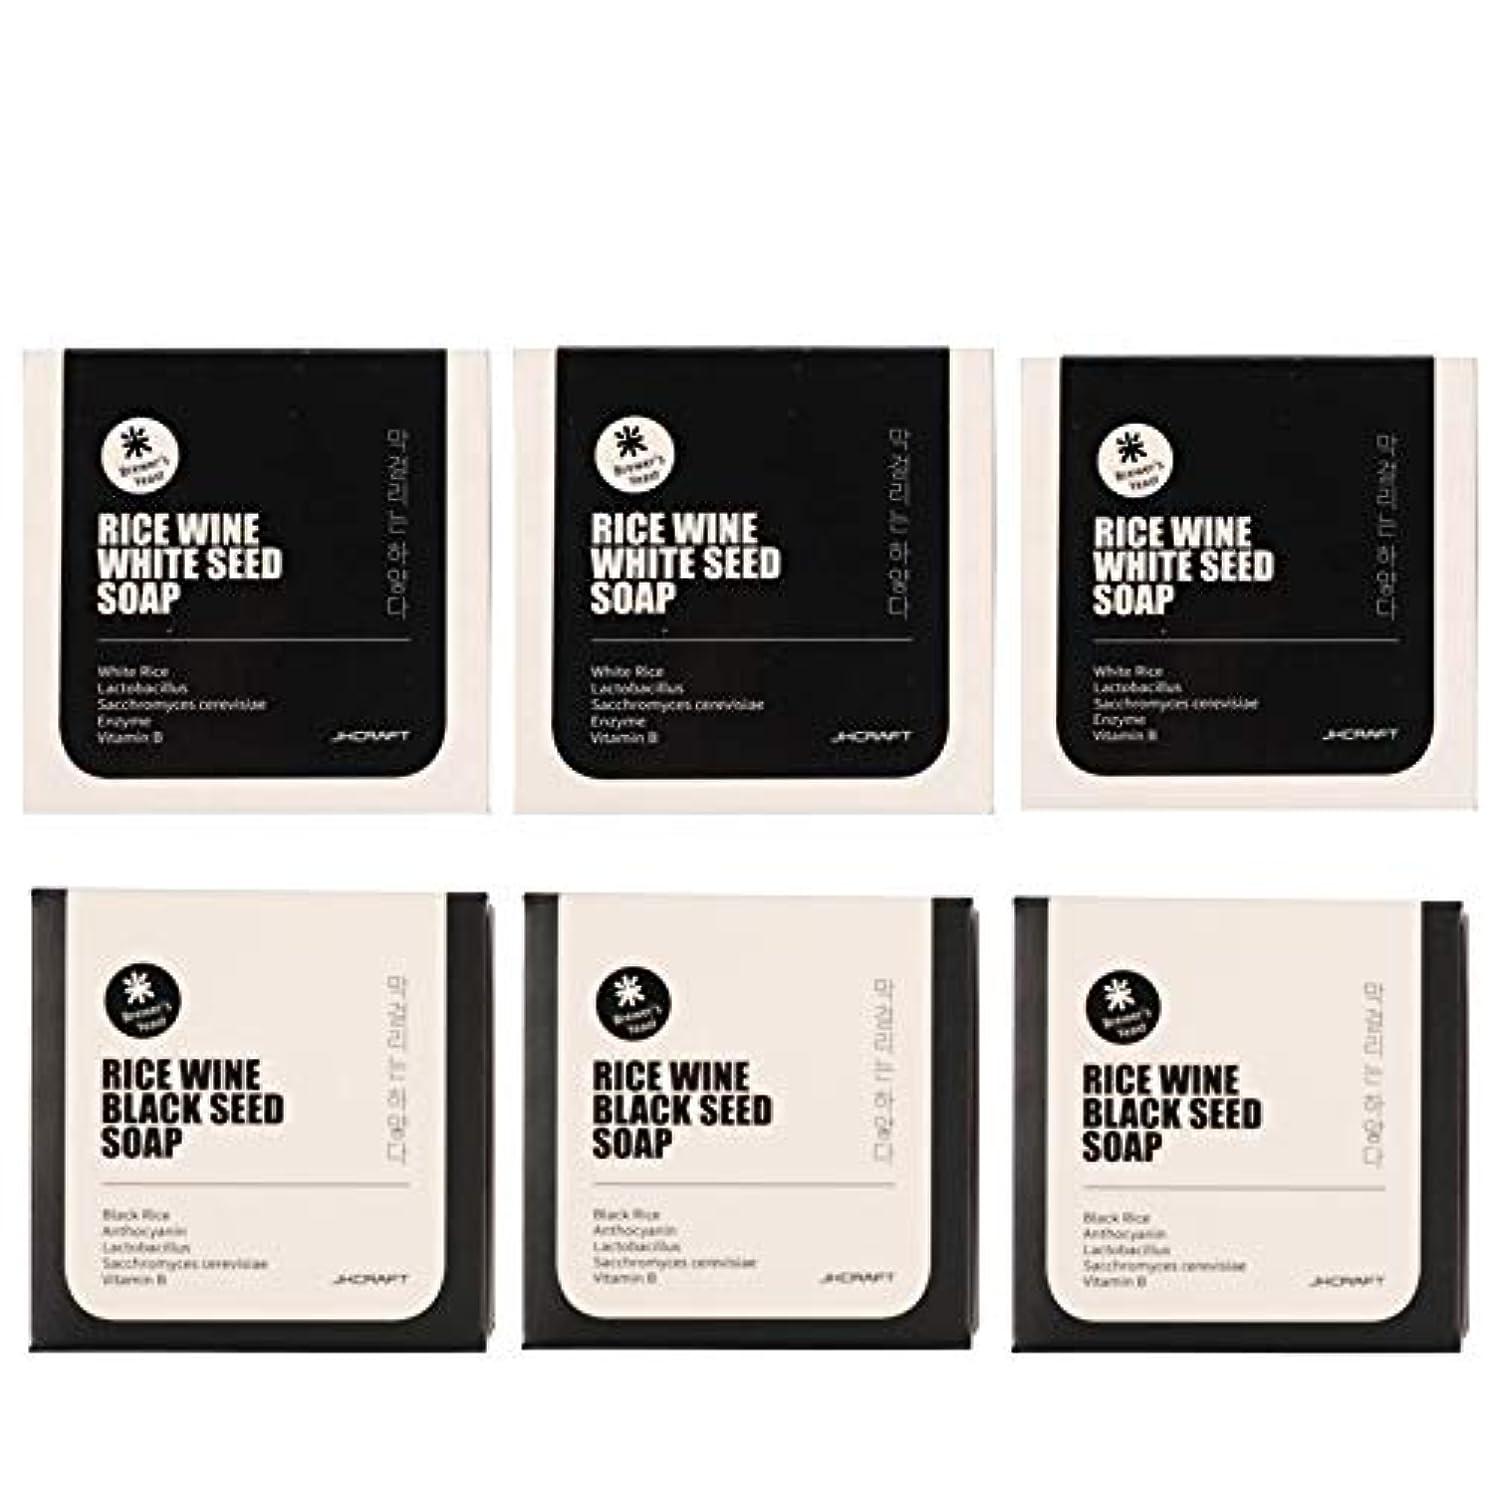 置くためにパックアフリカ大事にするJKCRAFT RICEWINE WHITE&BLACK SEED SOAP マッコリ酵母石鹸 & 黒米マッコリ酵母石鹸無添加,無刺激,天然洗顔石鹸 6pcs [並行輸入品]